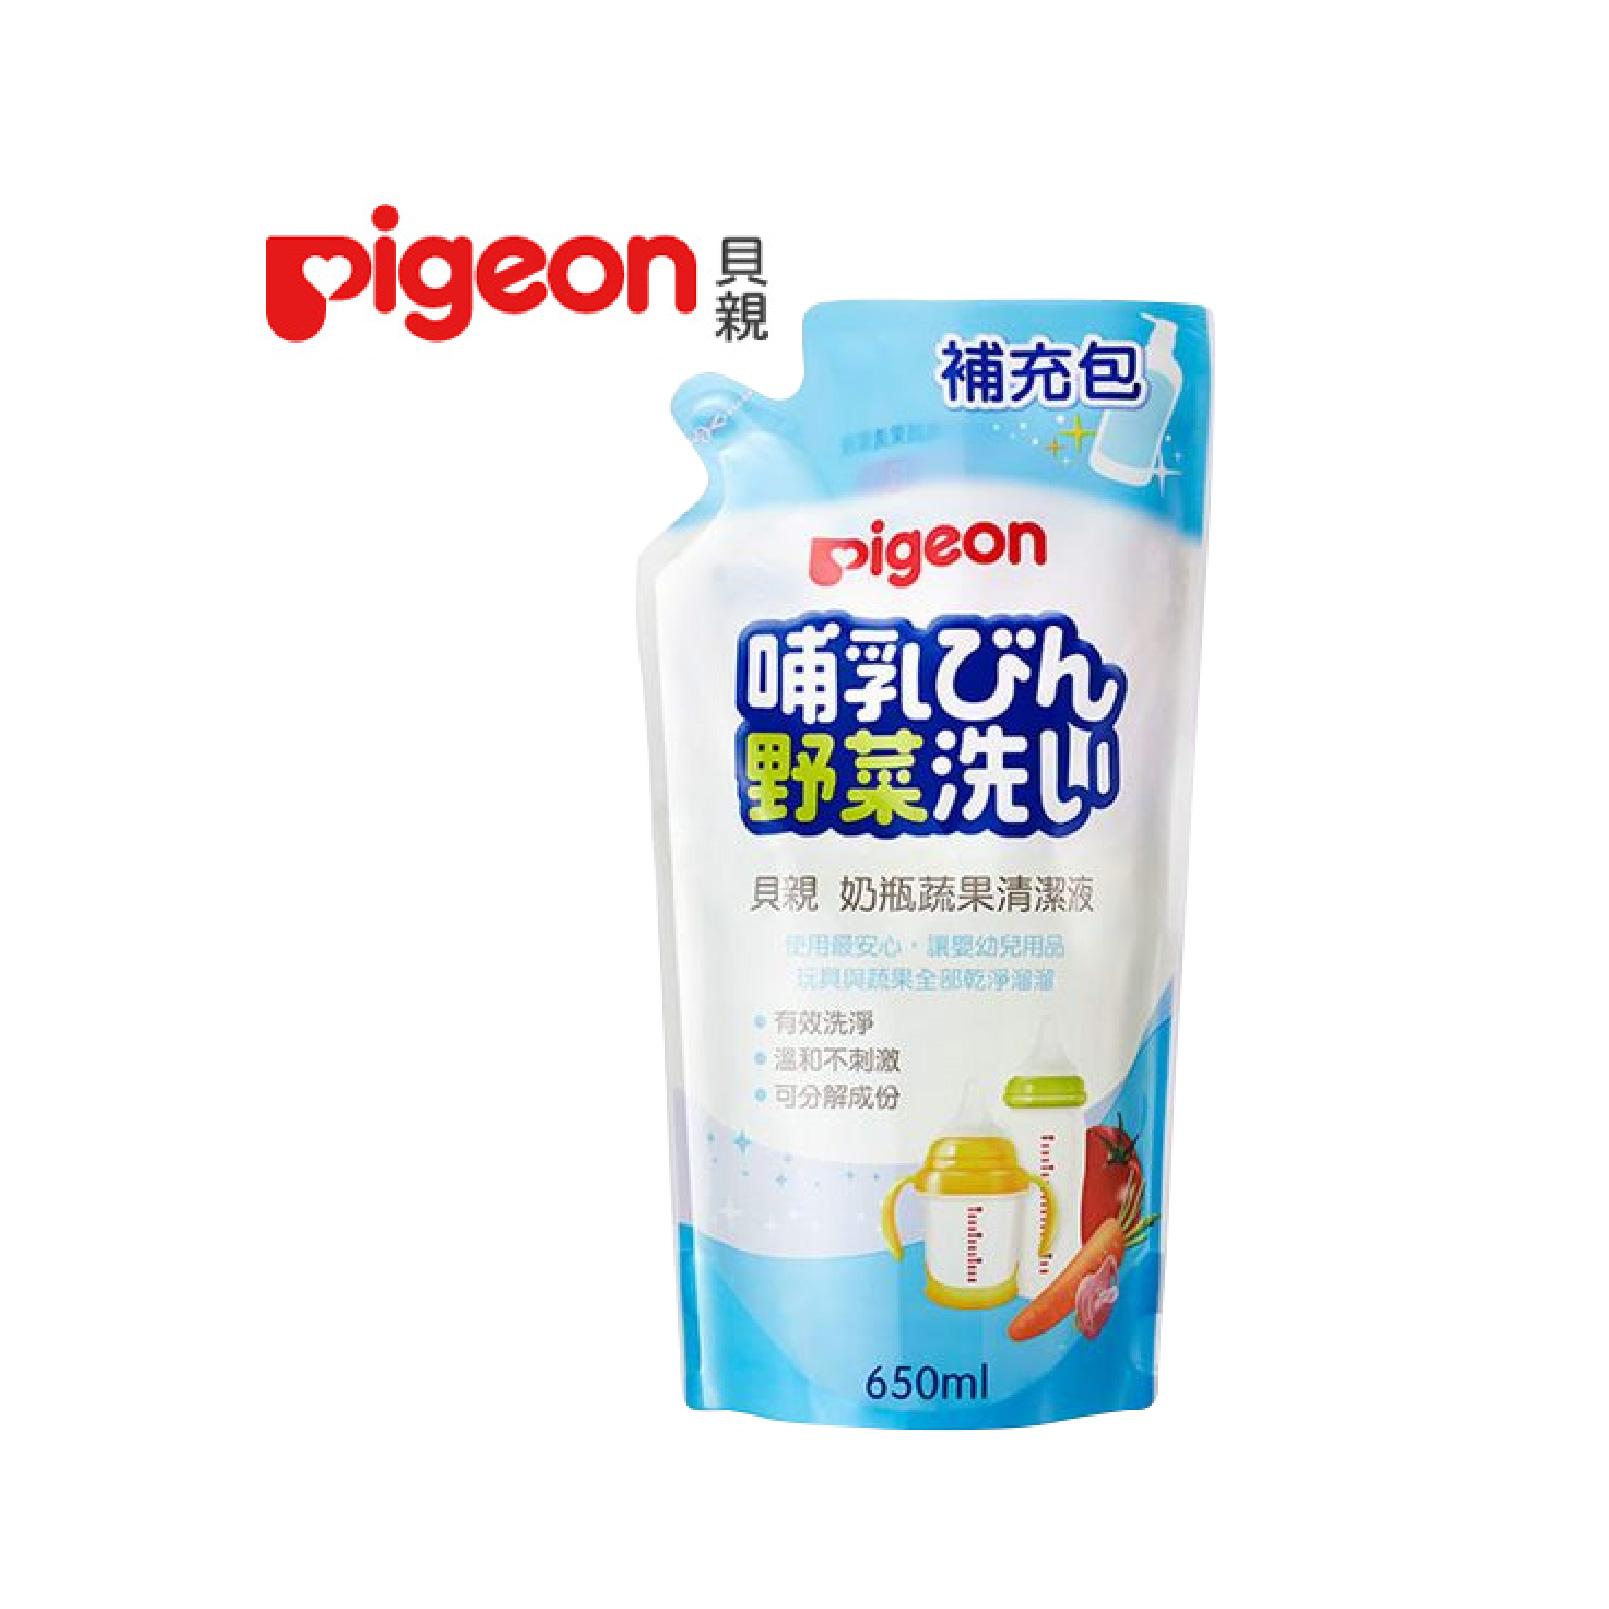 【貝親Pigeon 】奶瓶蔬果清潔劑補充包650ml